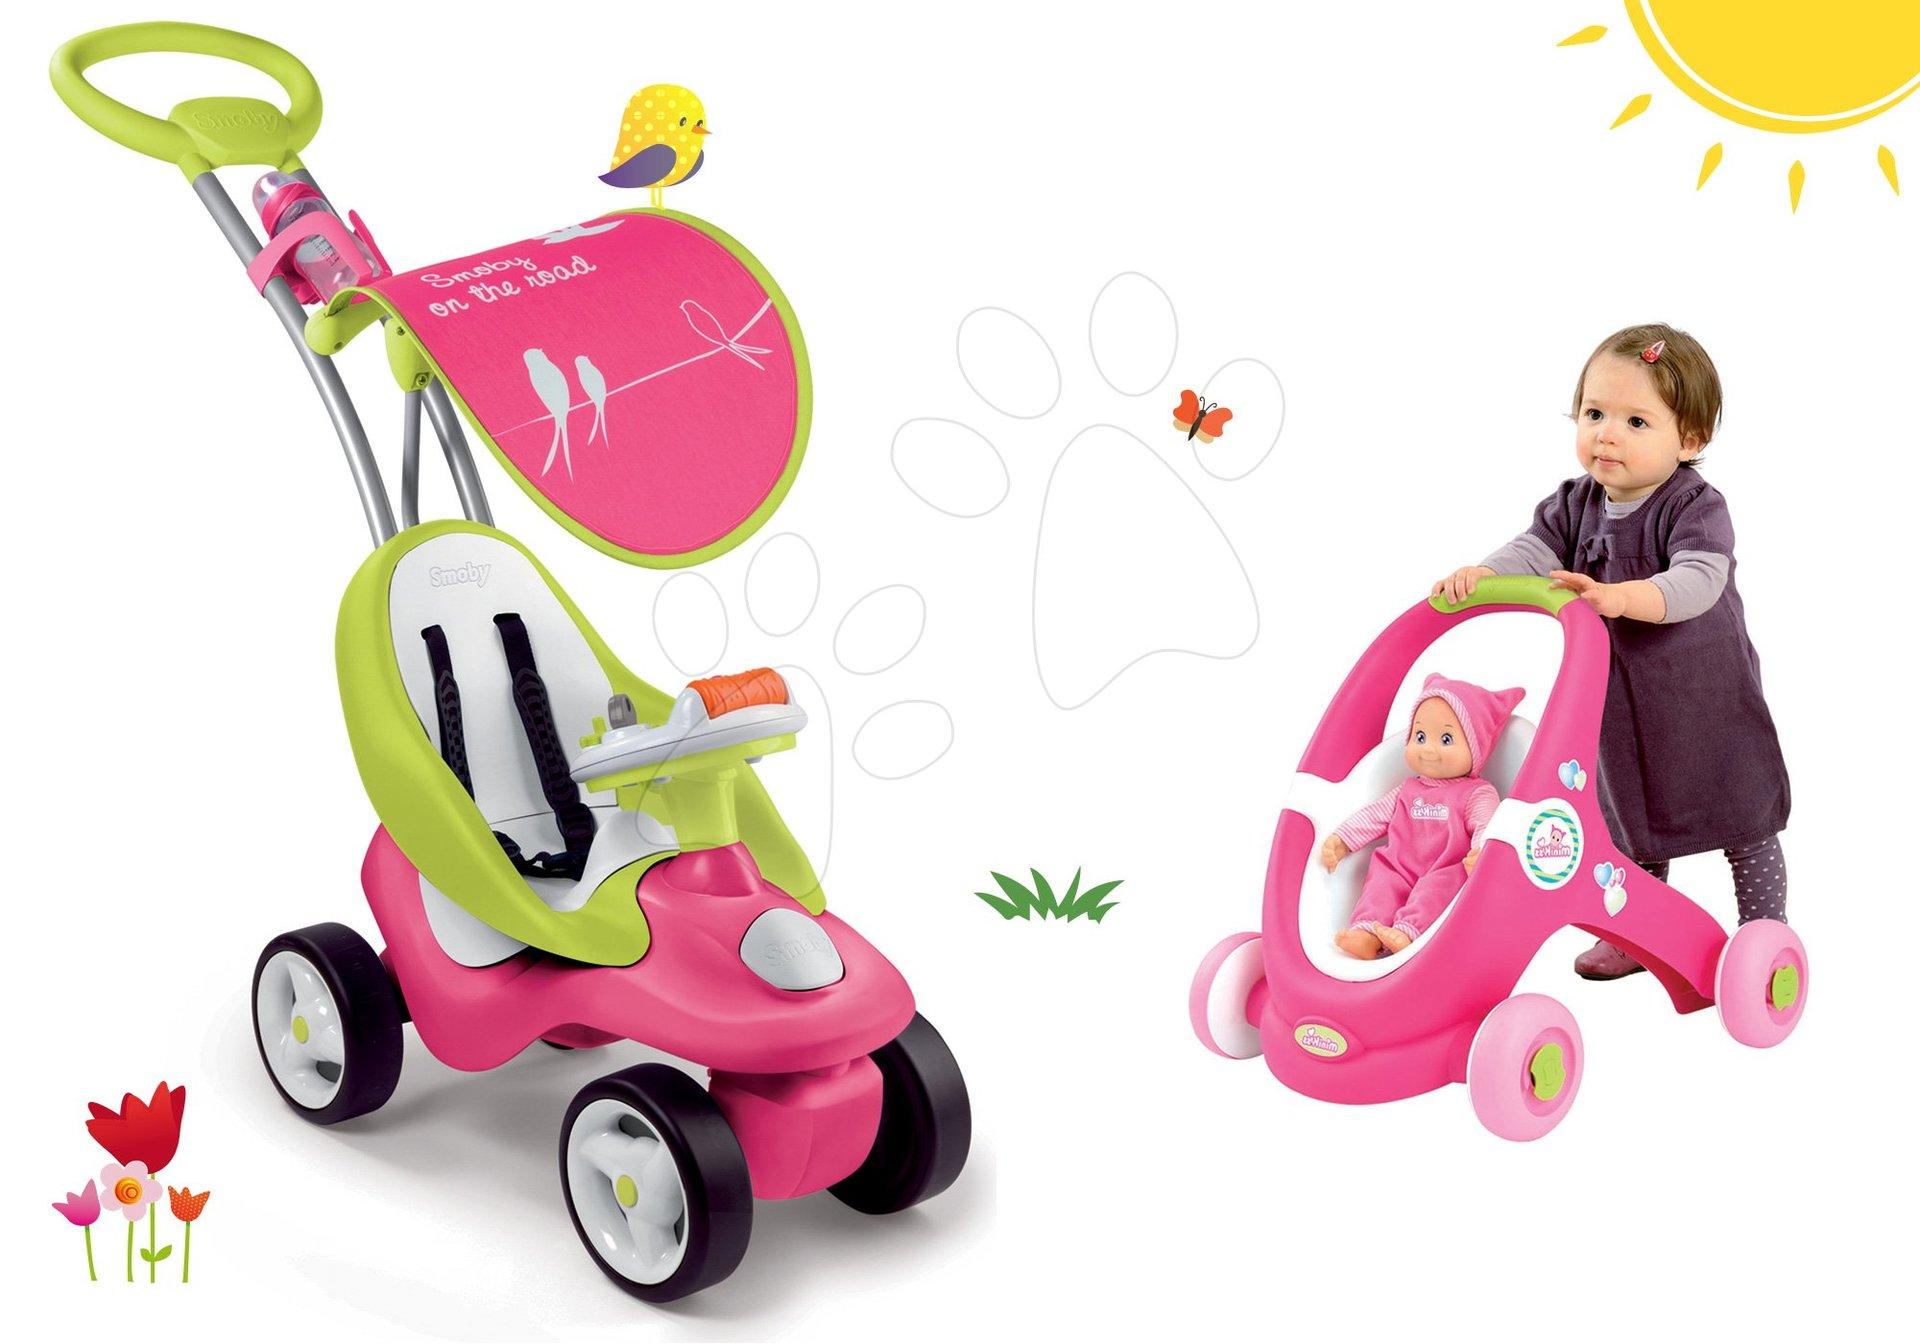 Komplet poganjalec Bubble Go Smoby z melodijami in voziček za punčke 2v1 MiniKiss od 6 mes